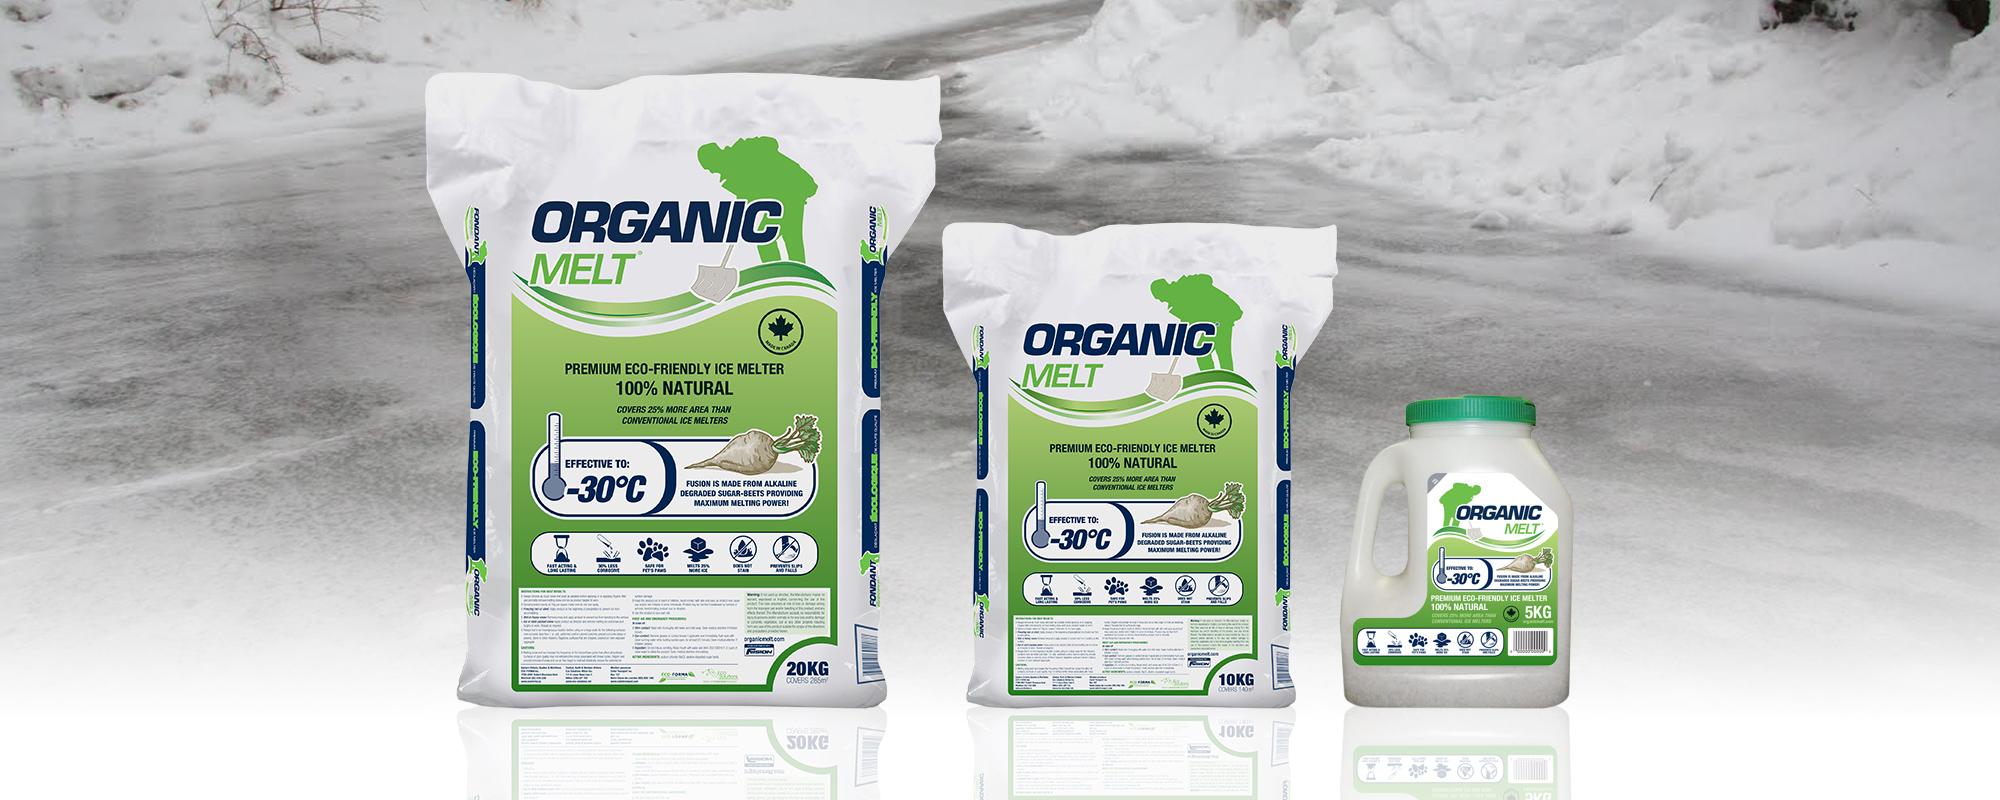 organic melt header